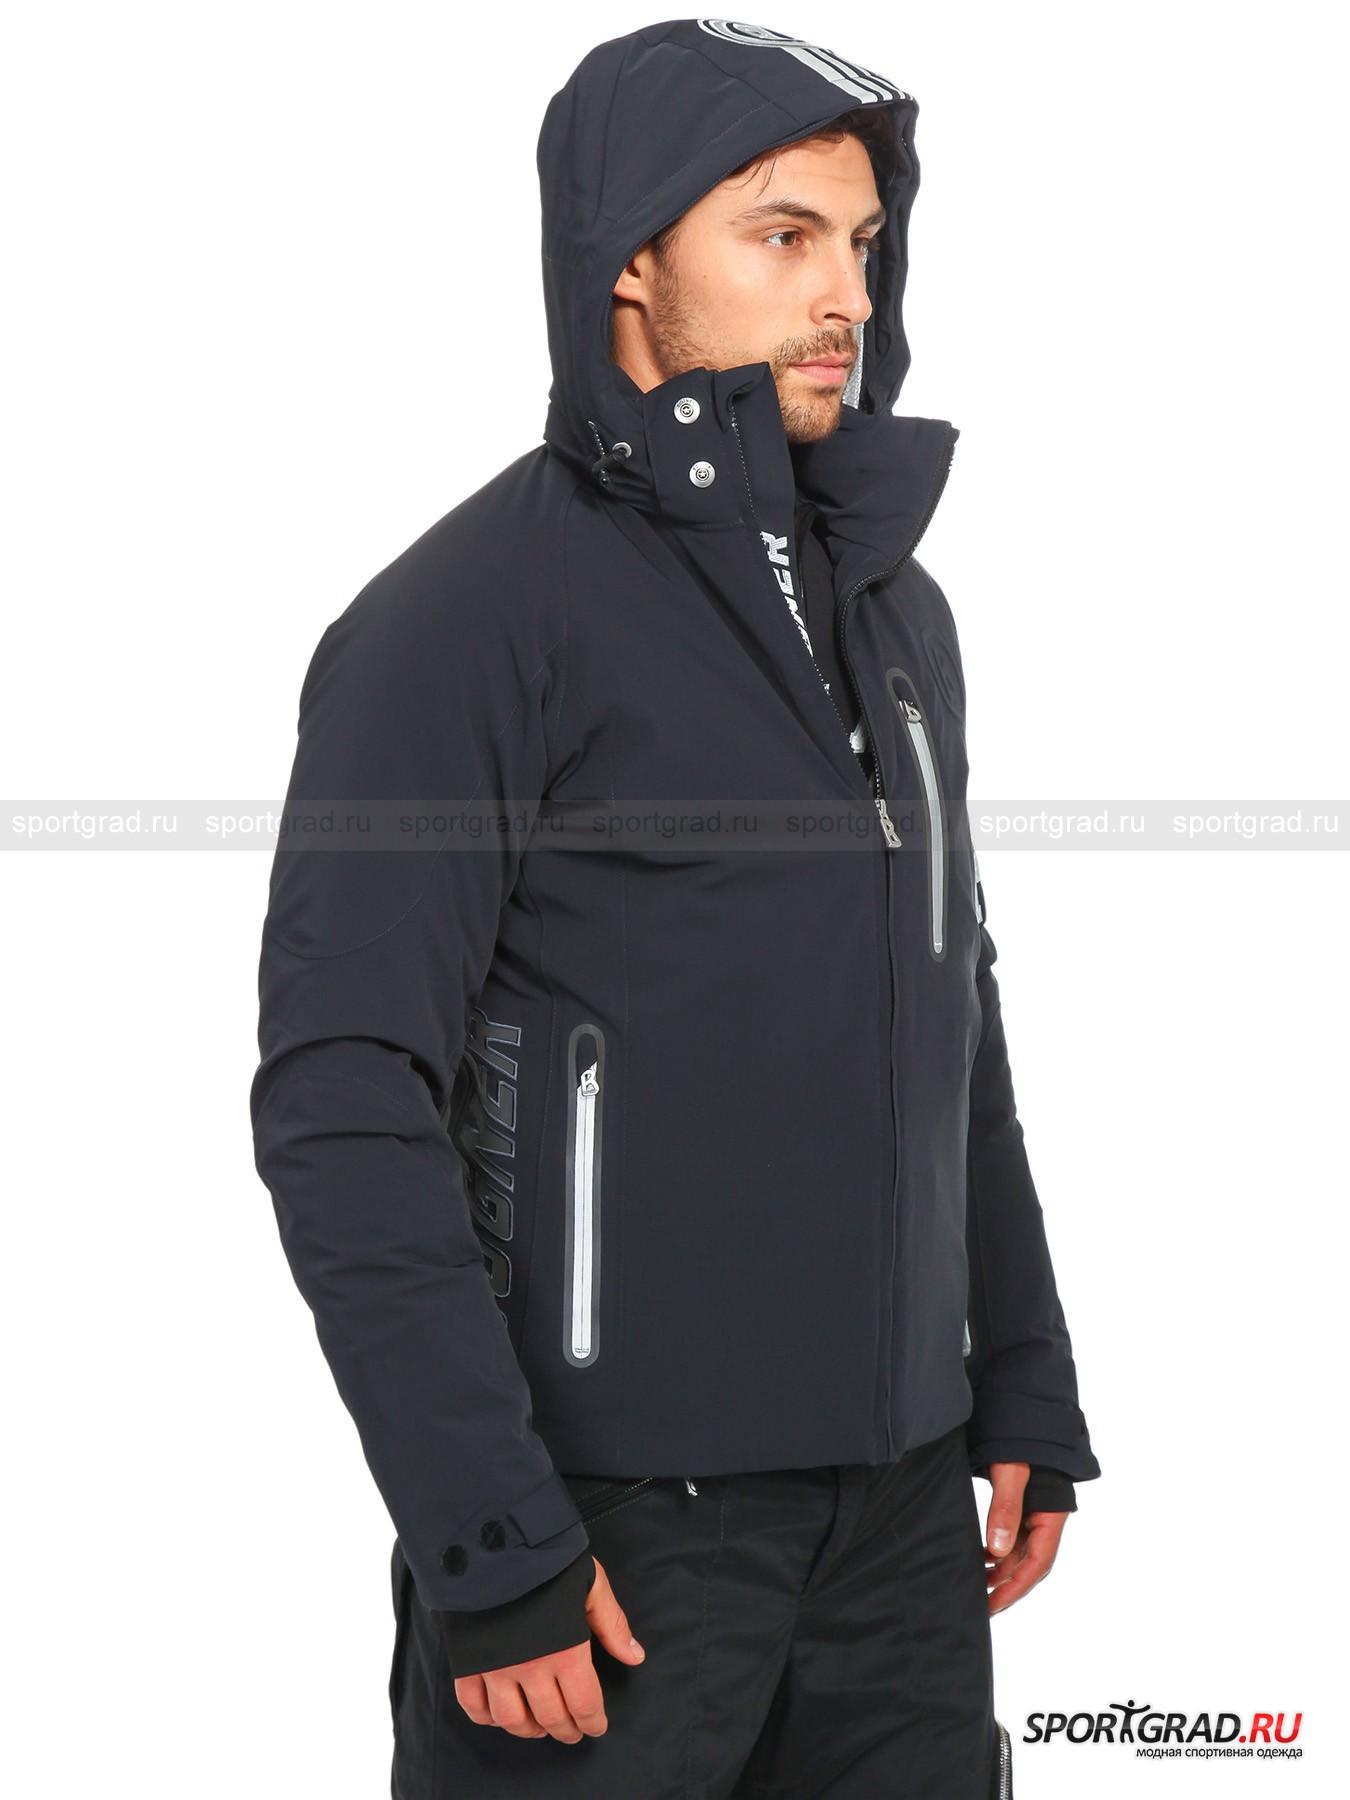 Куртка горнолыжная мужская Run-T BOGNER от Спортград